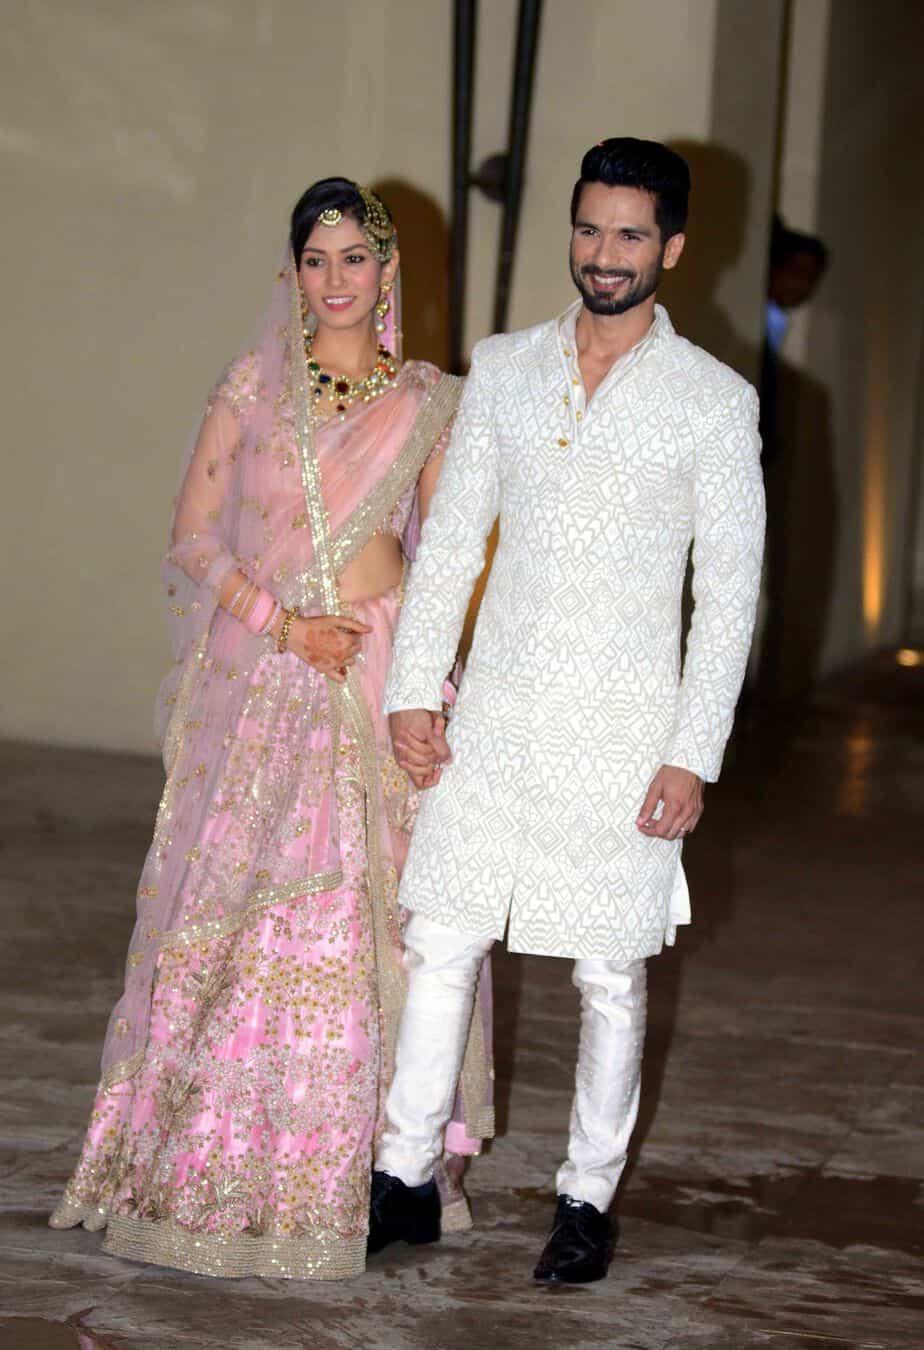 shahid mira wedding